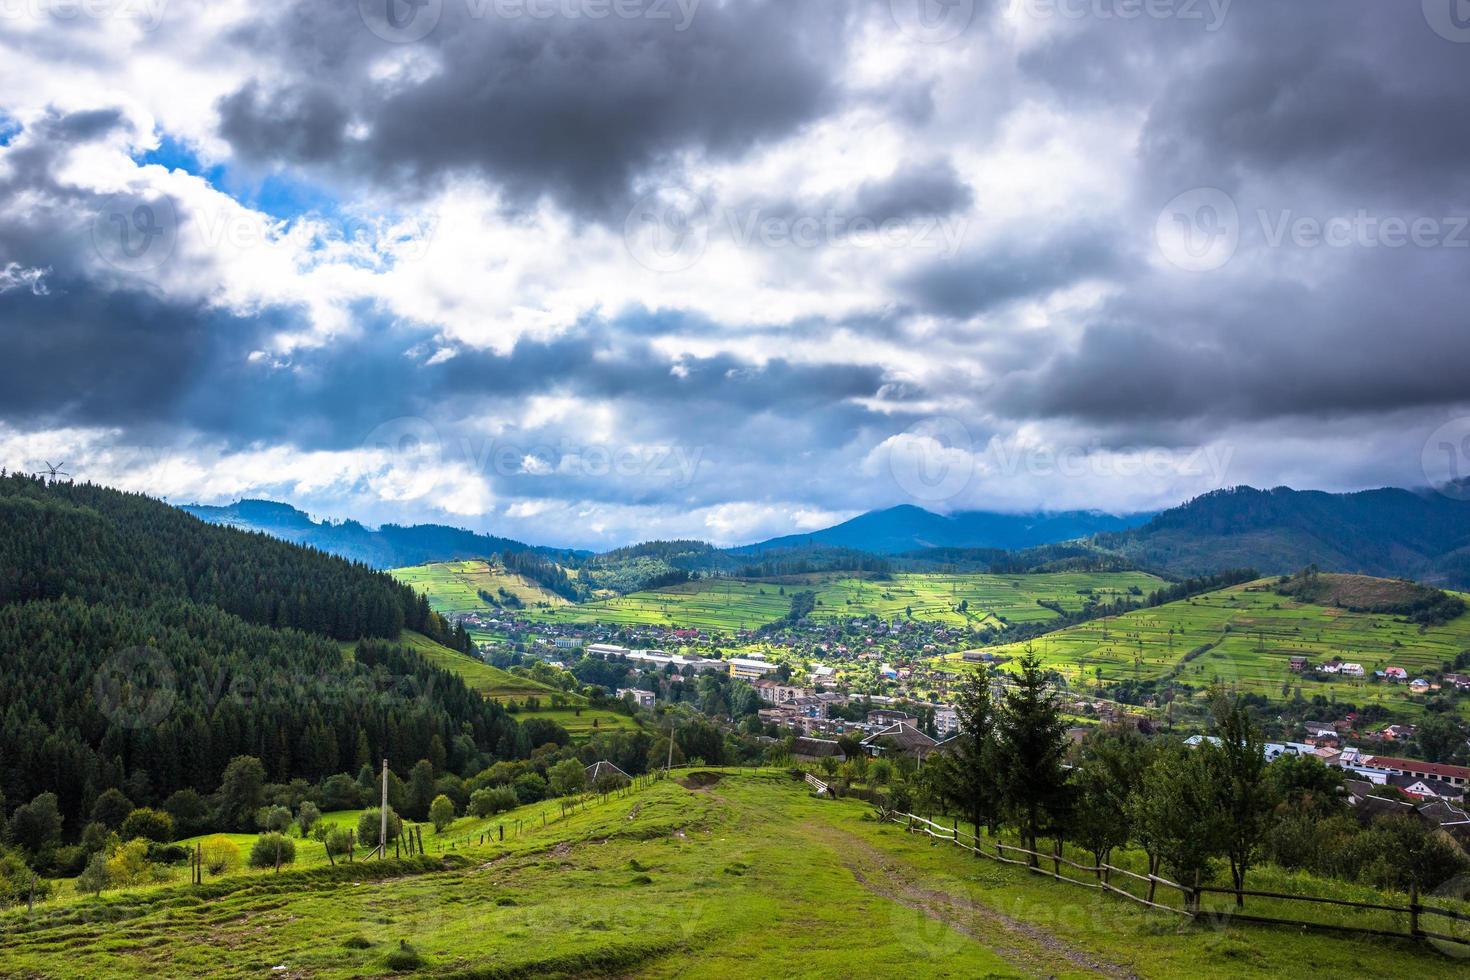 village de montagne au-dessus de ciel nuageux photo